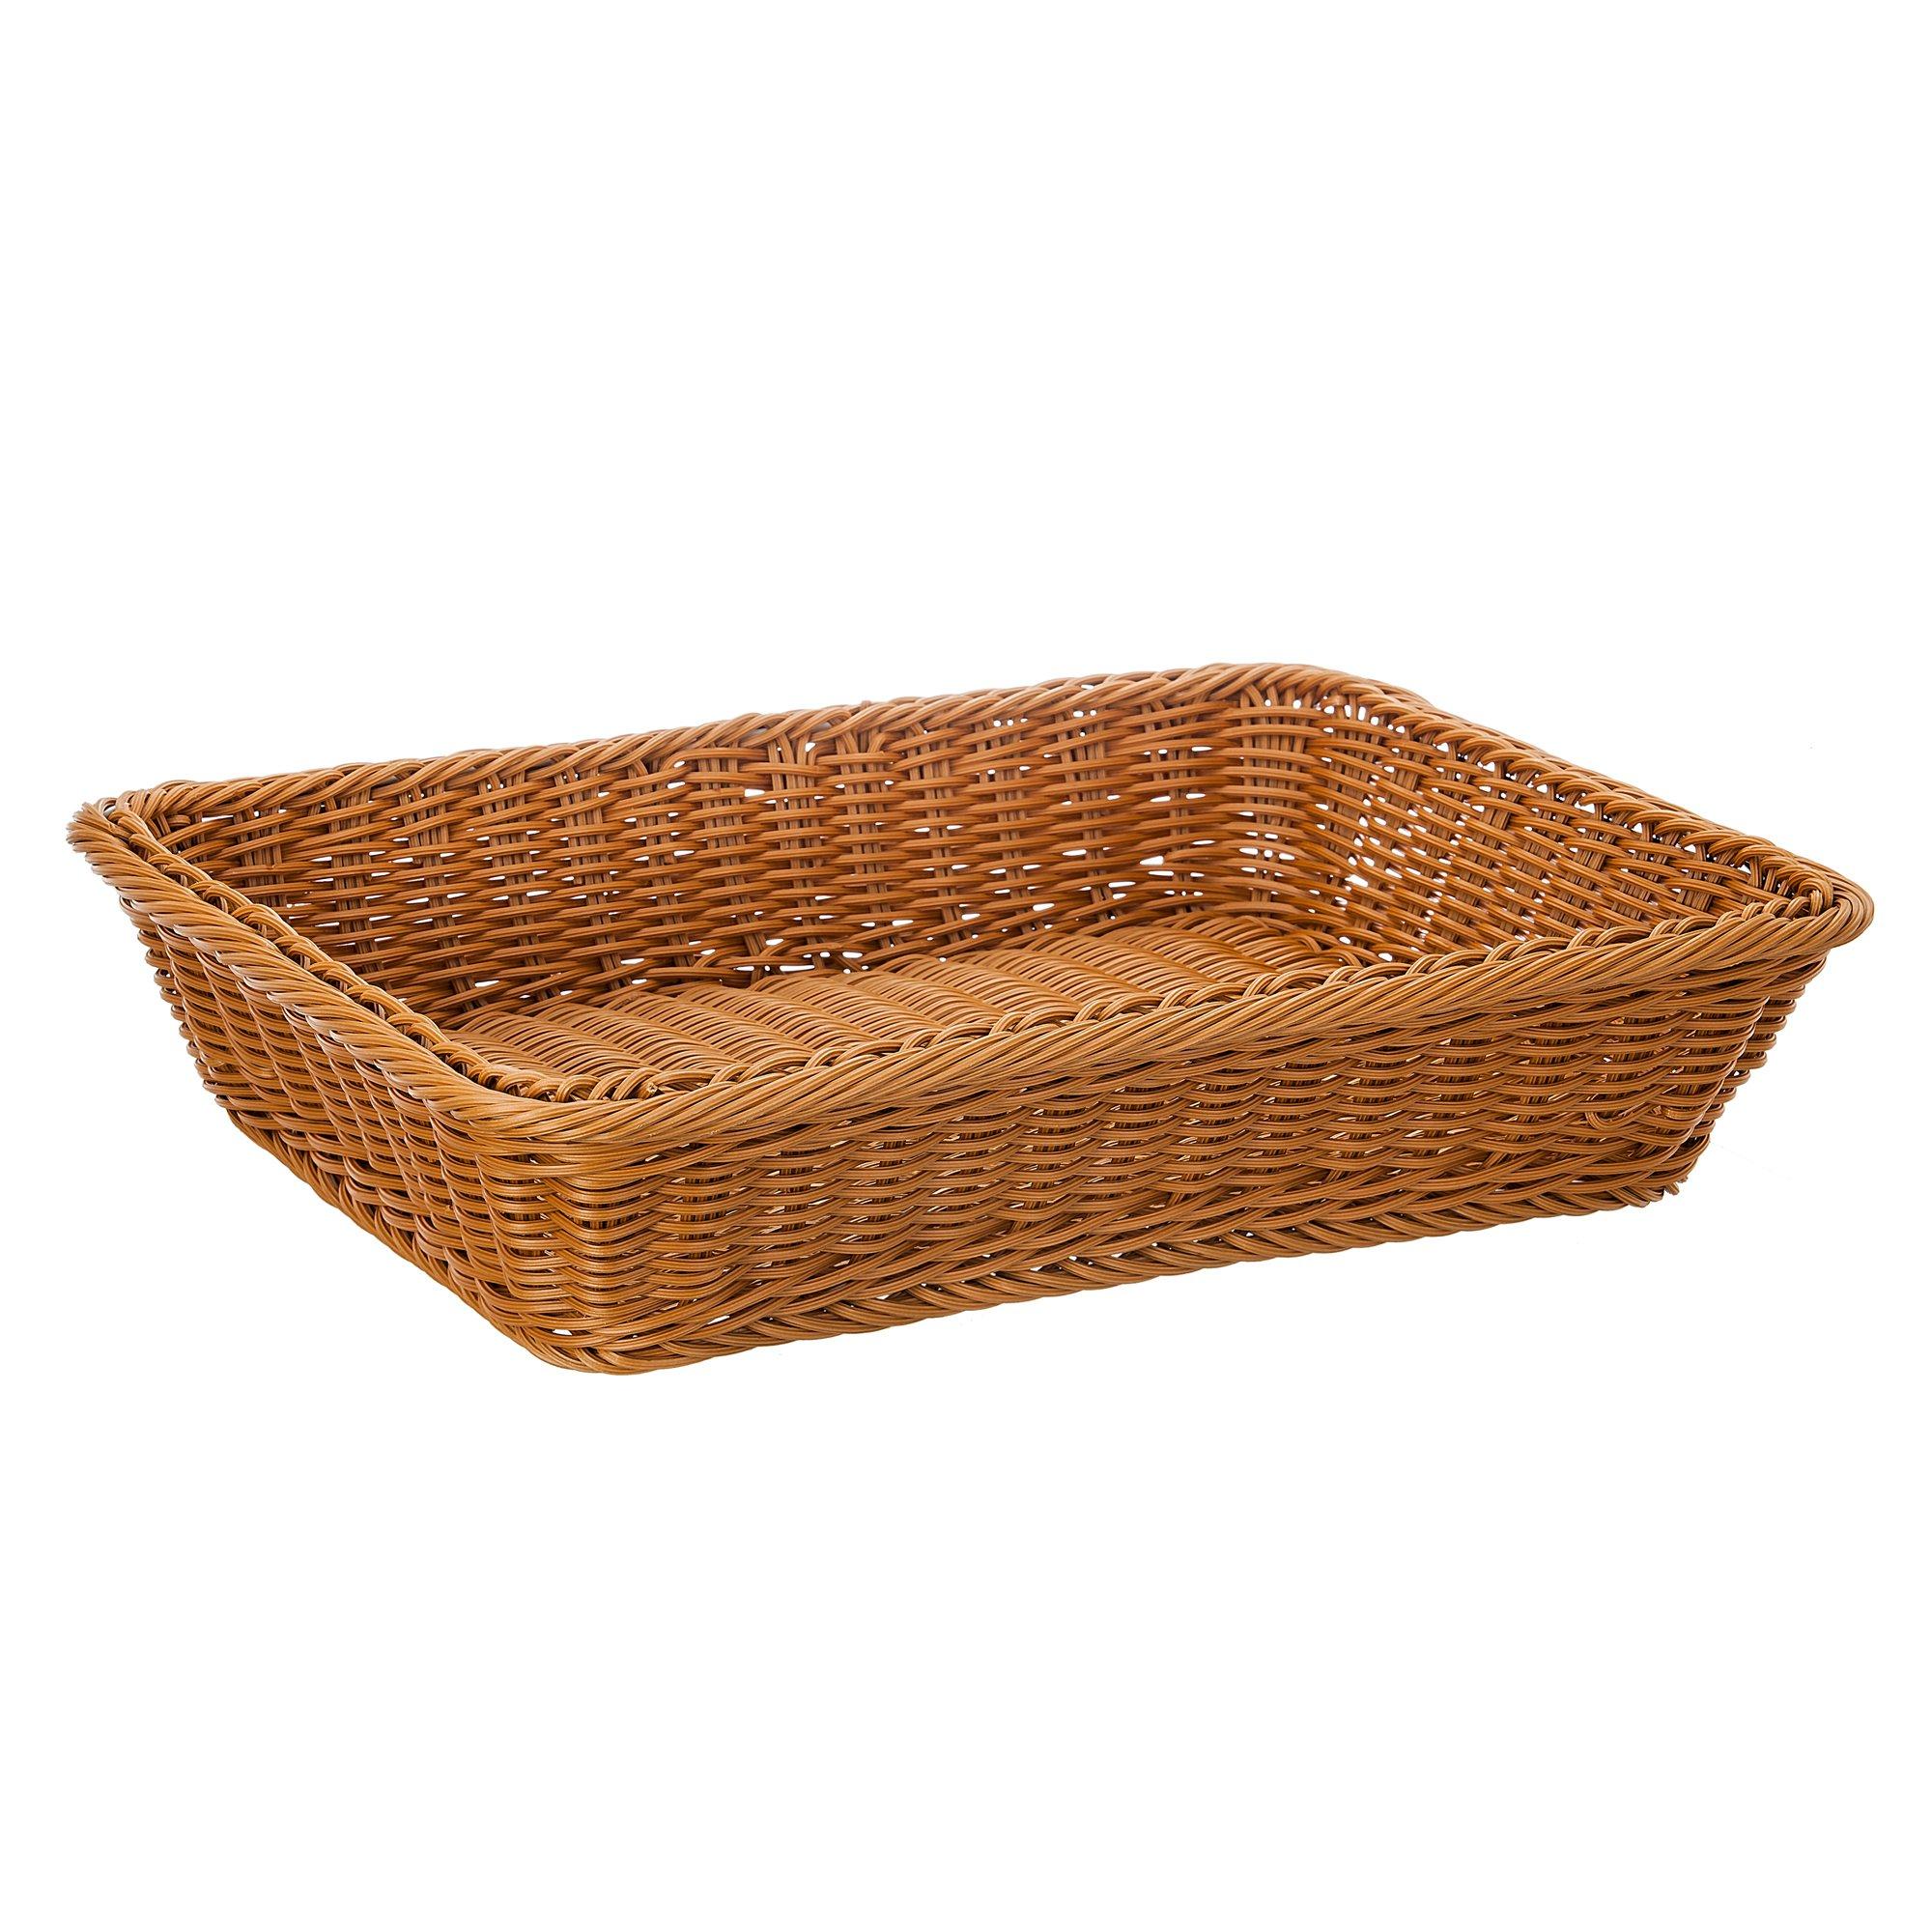 16'' Poly-Wicker Bread Basket, Long Woven Tabletop Food Fruit Vegetables Serving Basket, Restaurant Serving, Honey Brown